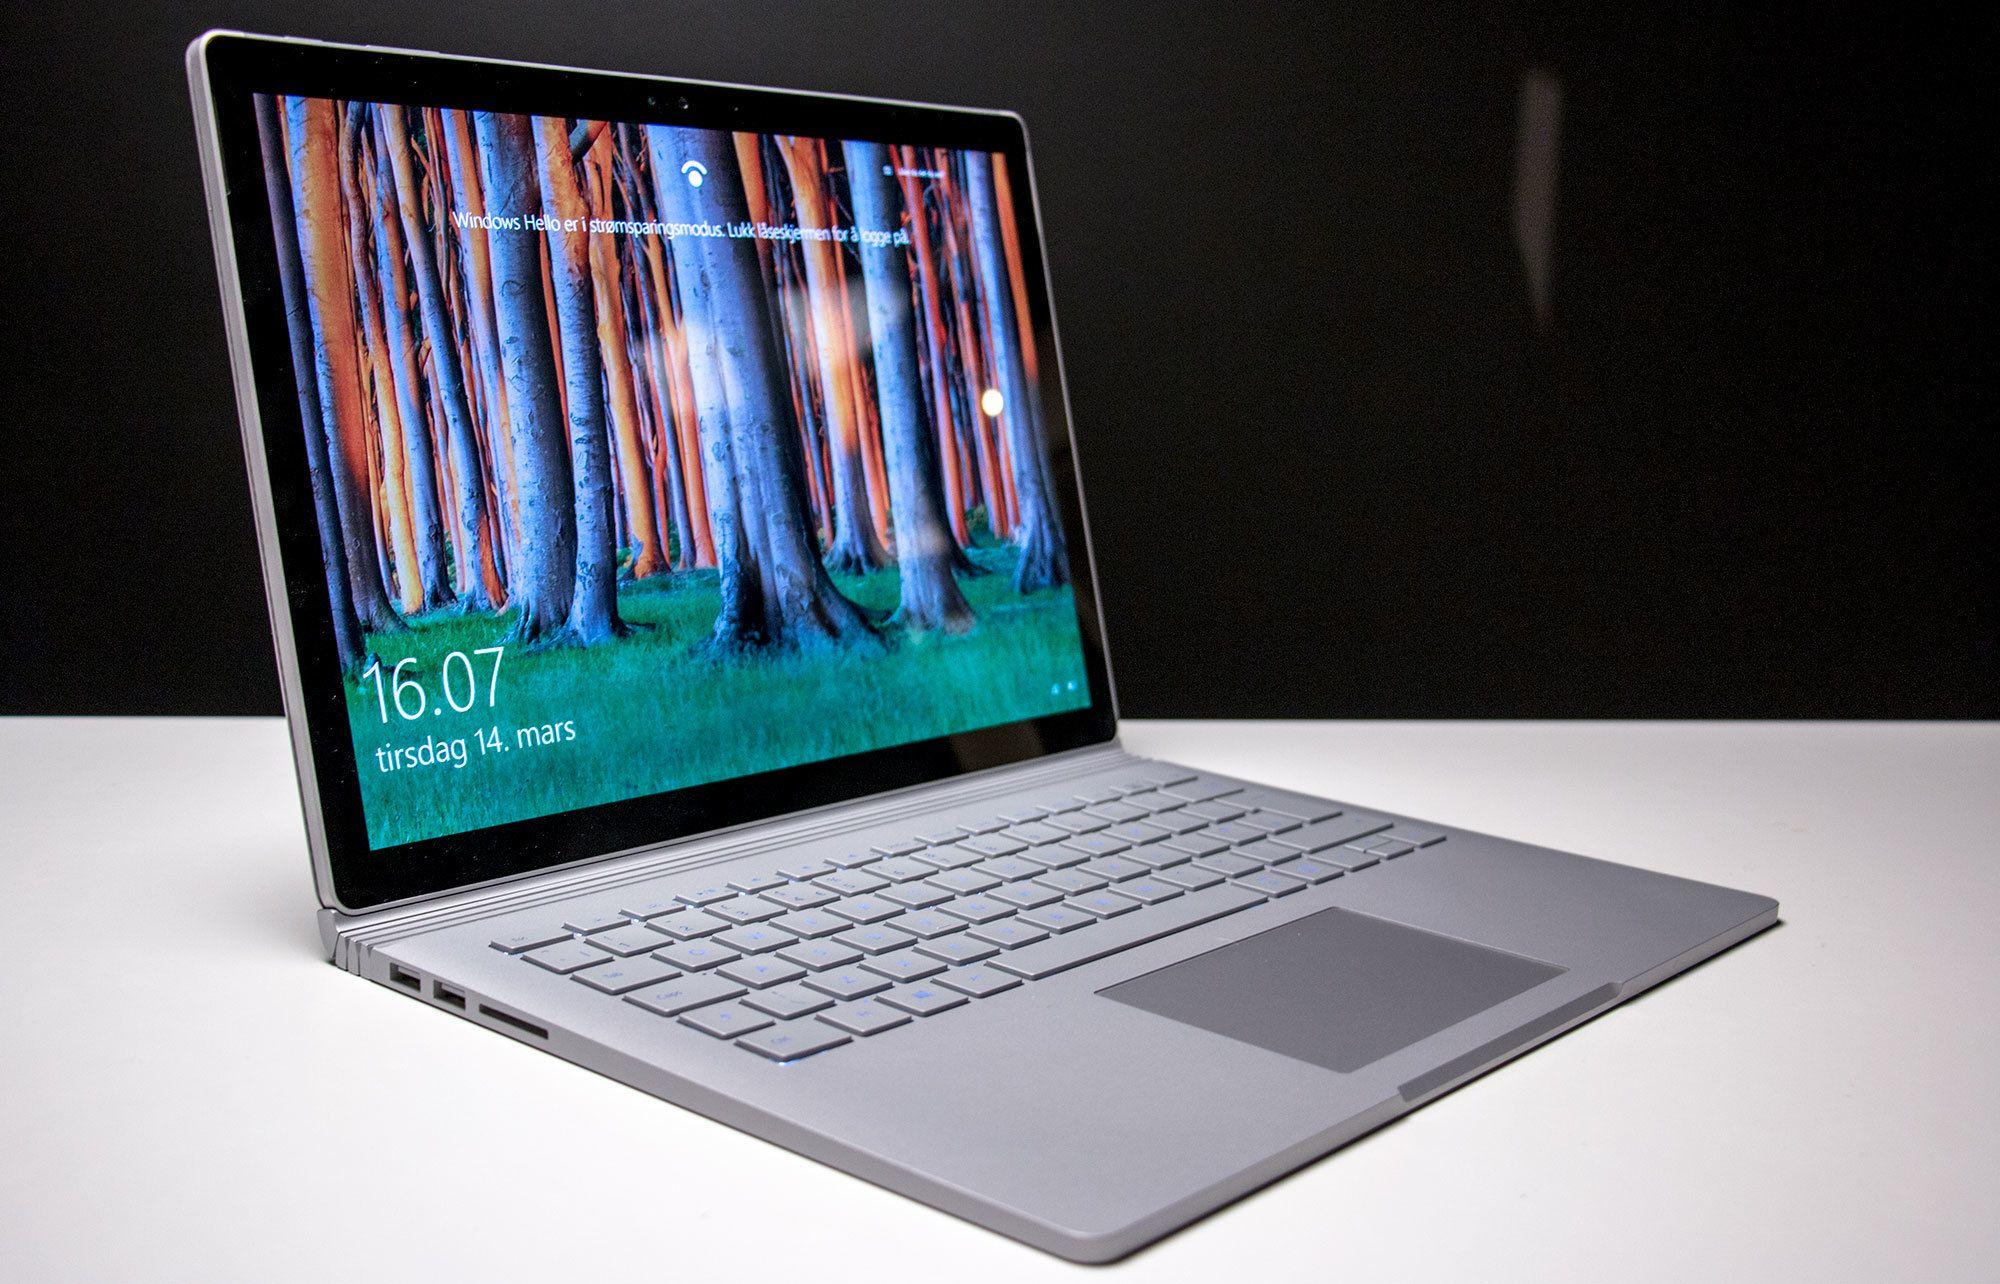 Litt inspirasjon er nok hentet fra MacBook, men Microsoft har også innovert når det kommer til skjermhengselen.